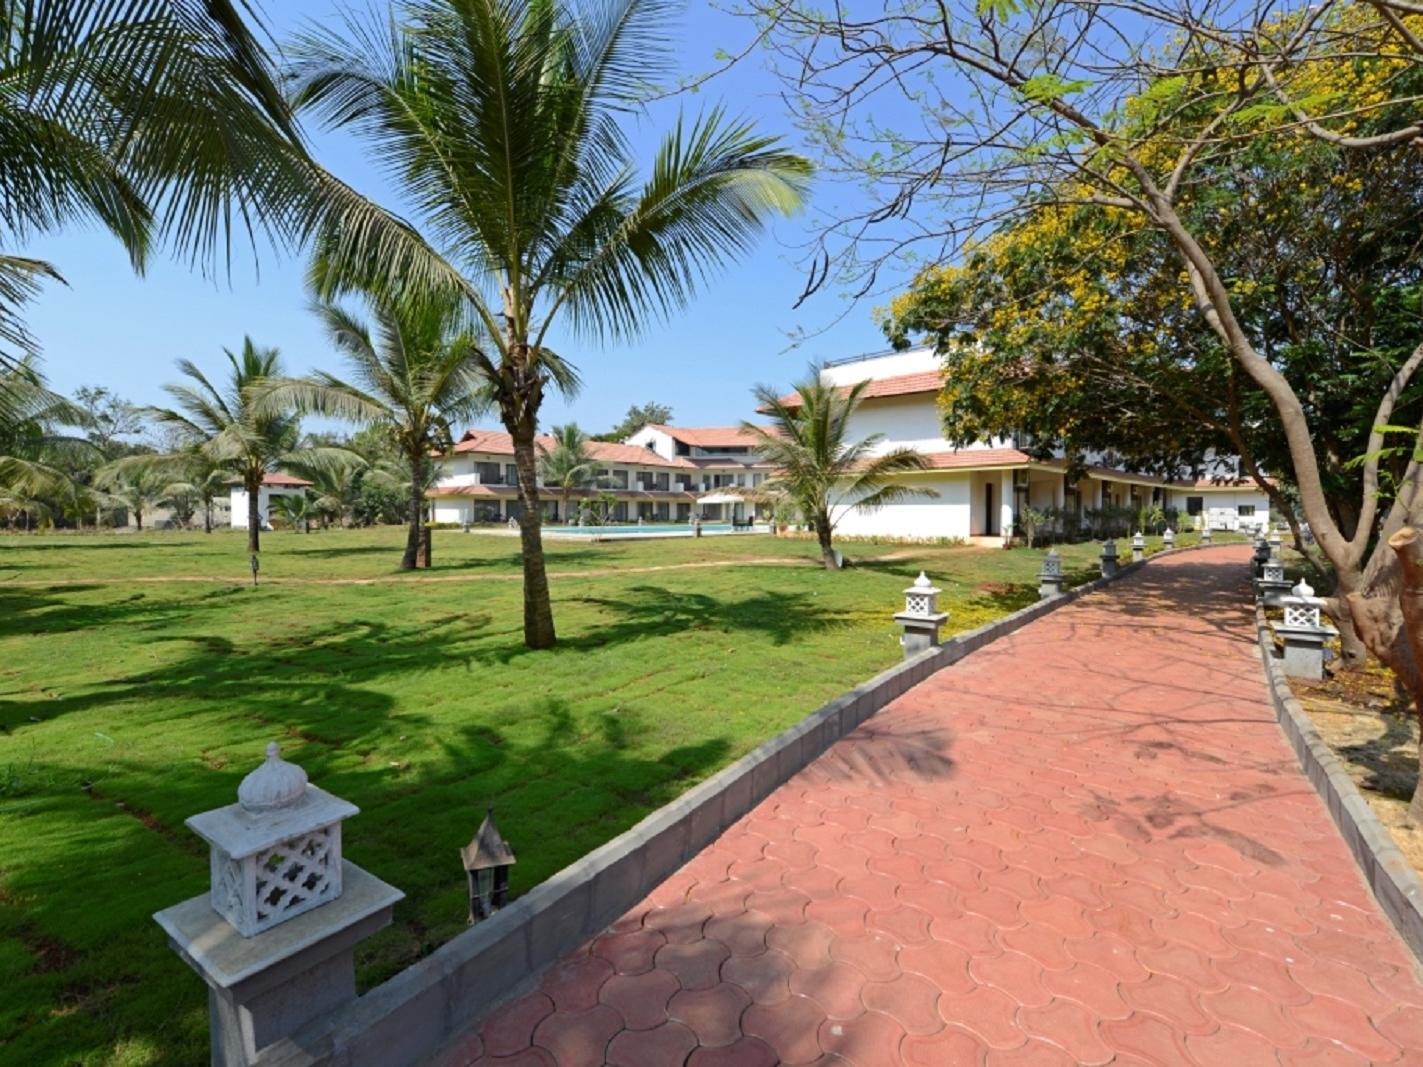 Outdoor Walkway at U Tropicana Alibaug